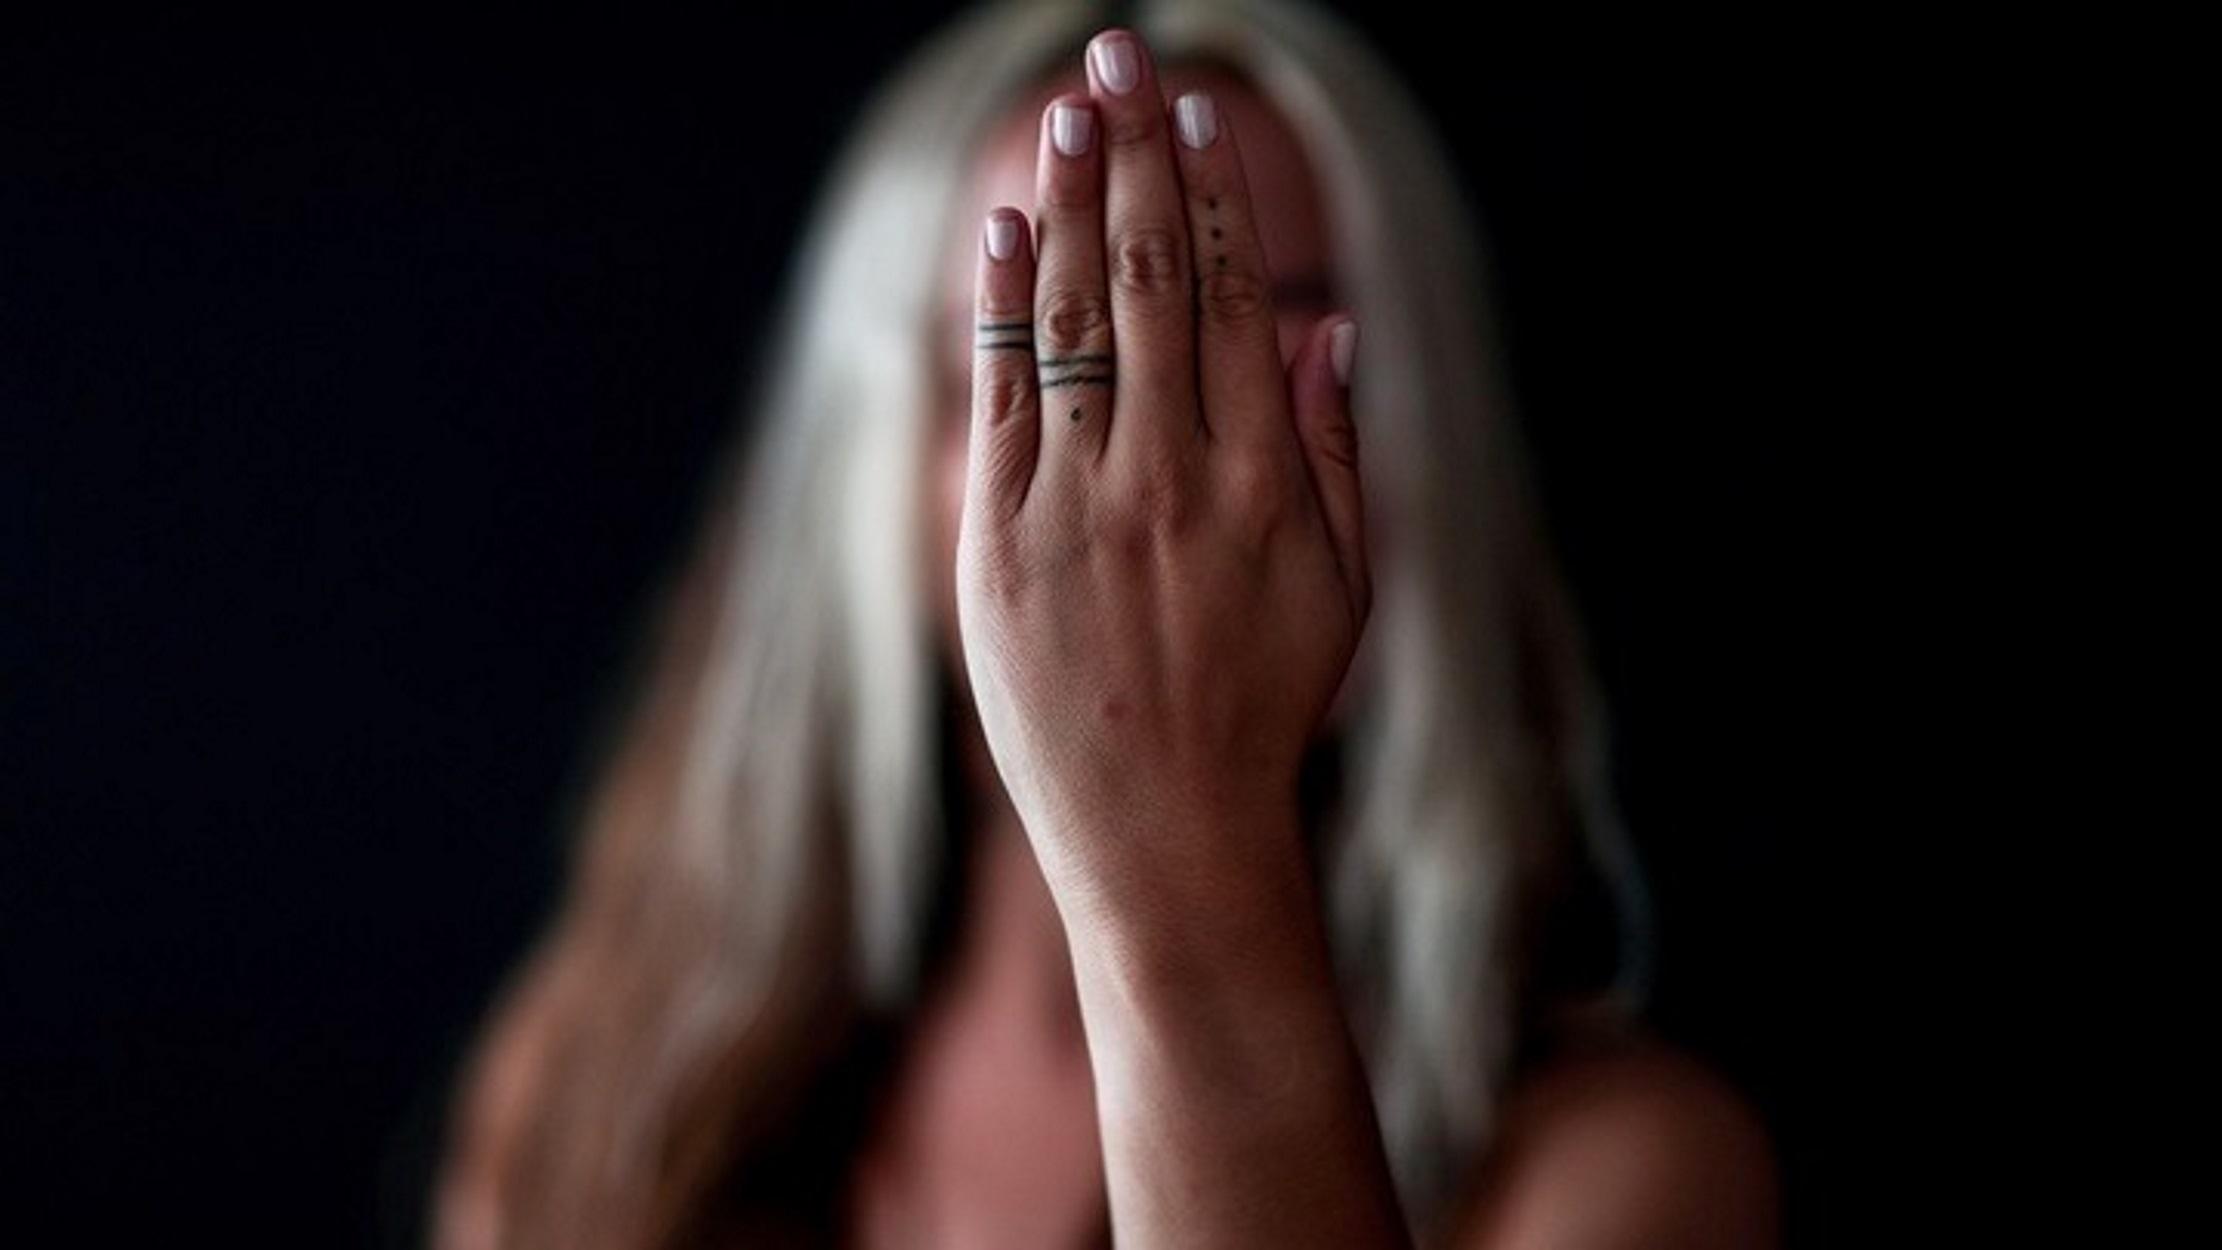 Ανησυχία στη Γαλλία – Αύξηση 16% της ενδοοικογενειακής βίας μέσα στο 2019